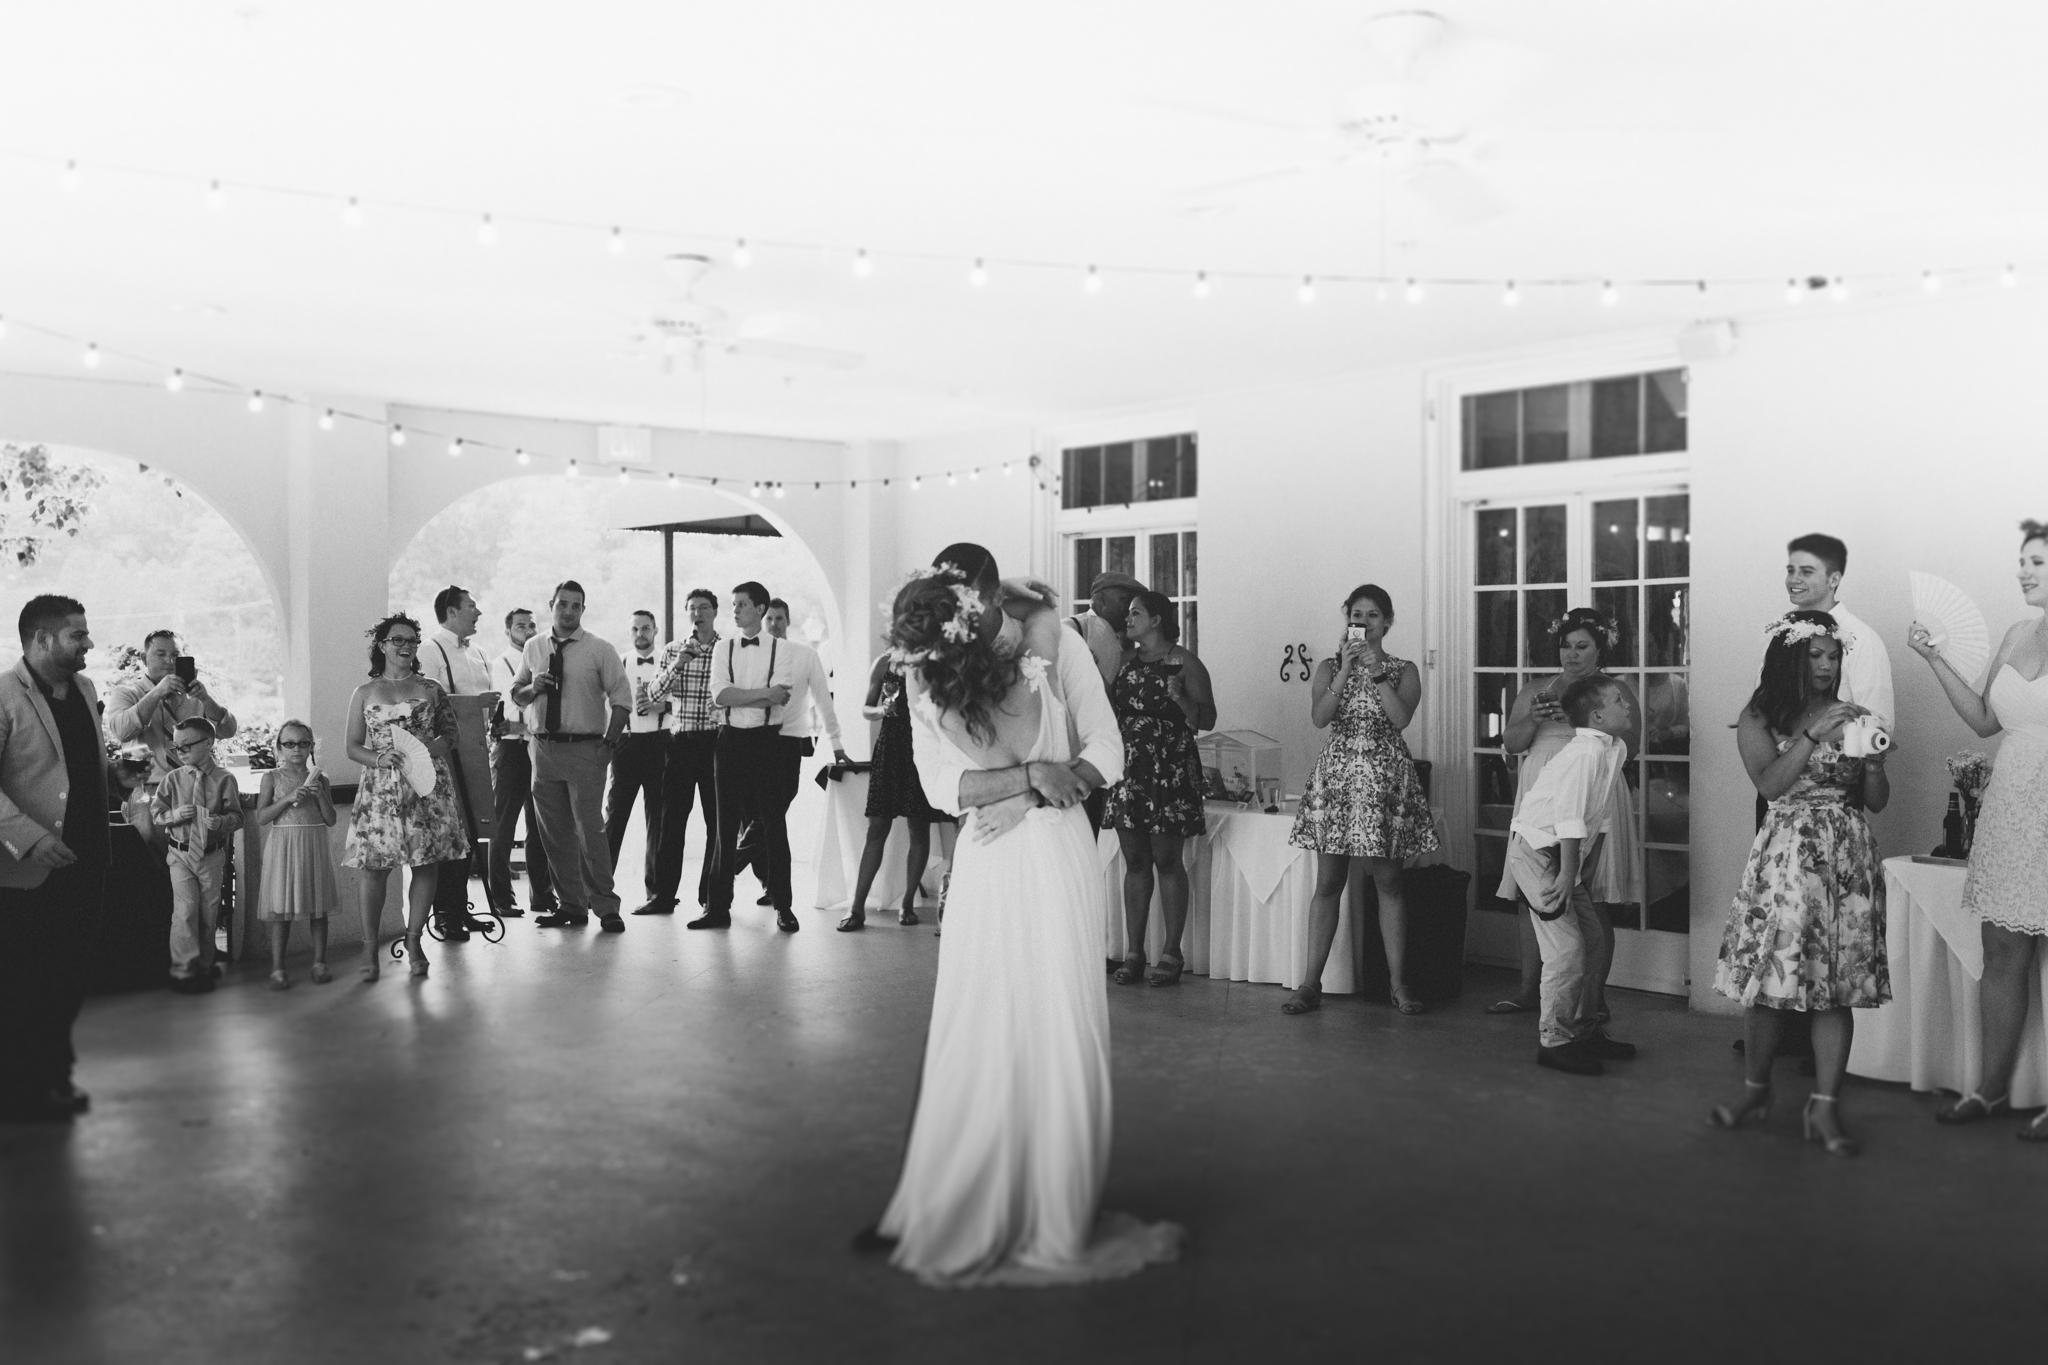 Lake_Lure_Wedding-27.jpg